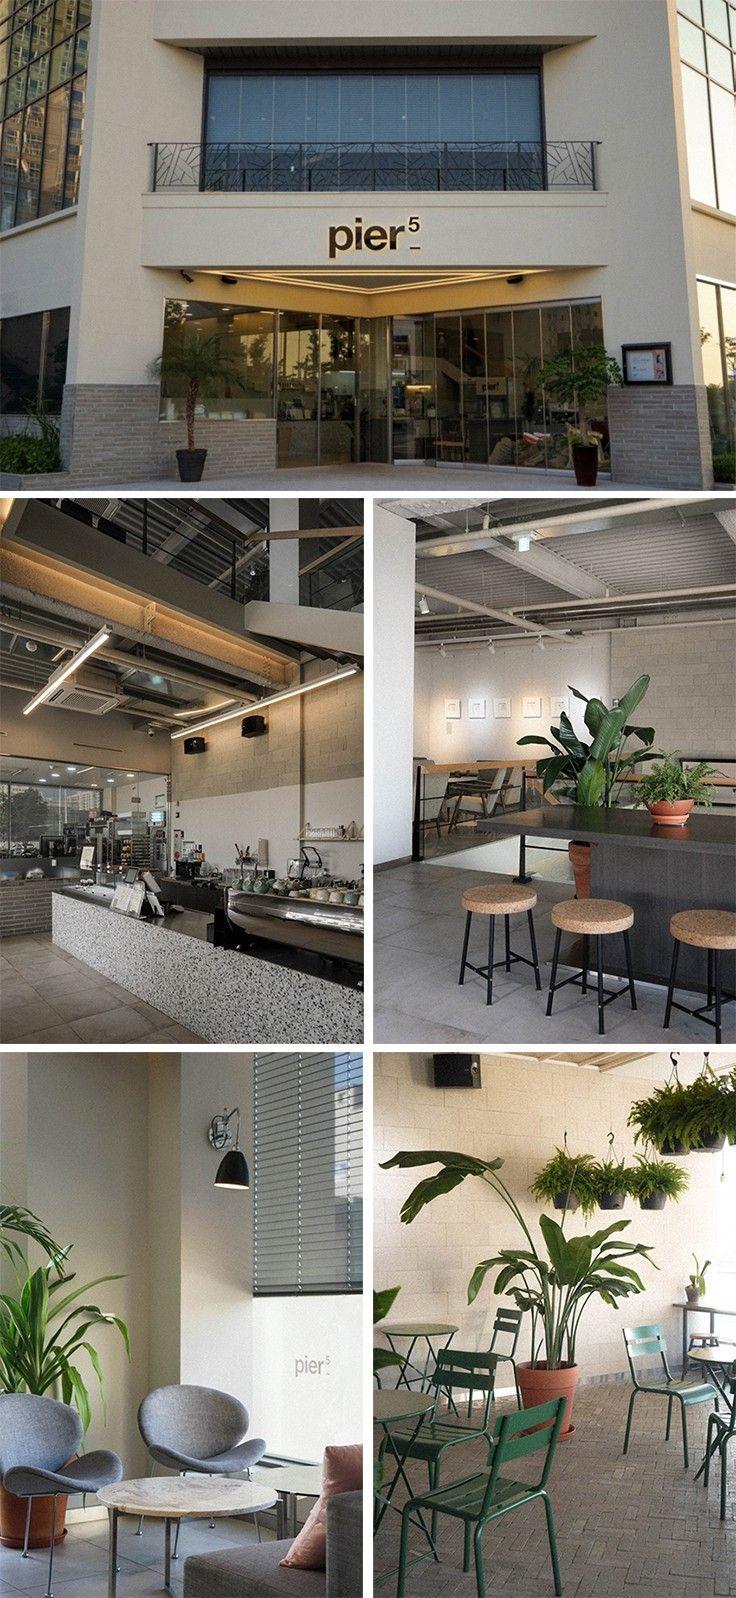 [No.178 Pier5] 50평 화이트 빈티지 로스터리 카페 인테리어, 대리석 바, 타일, 파벽돌